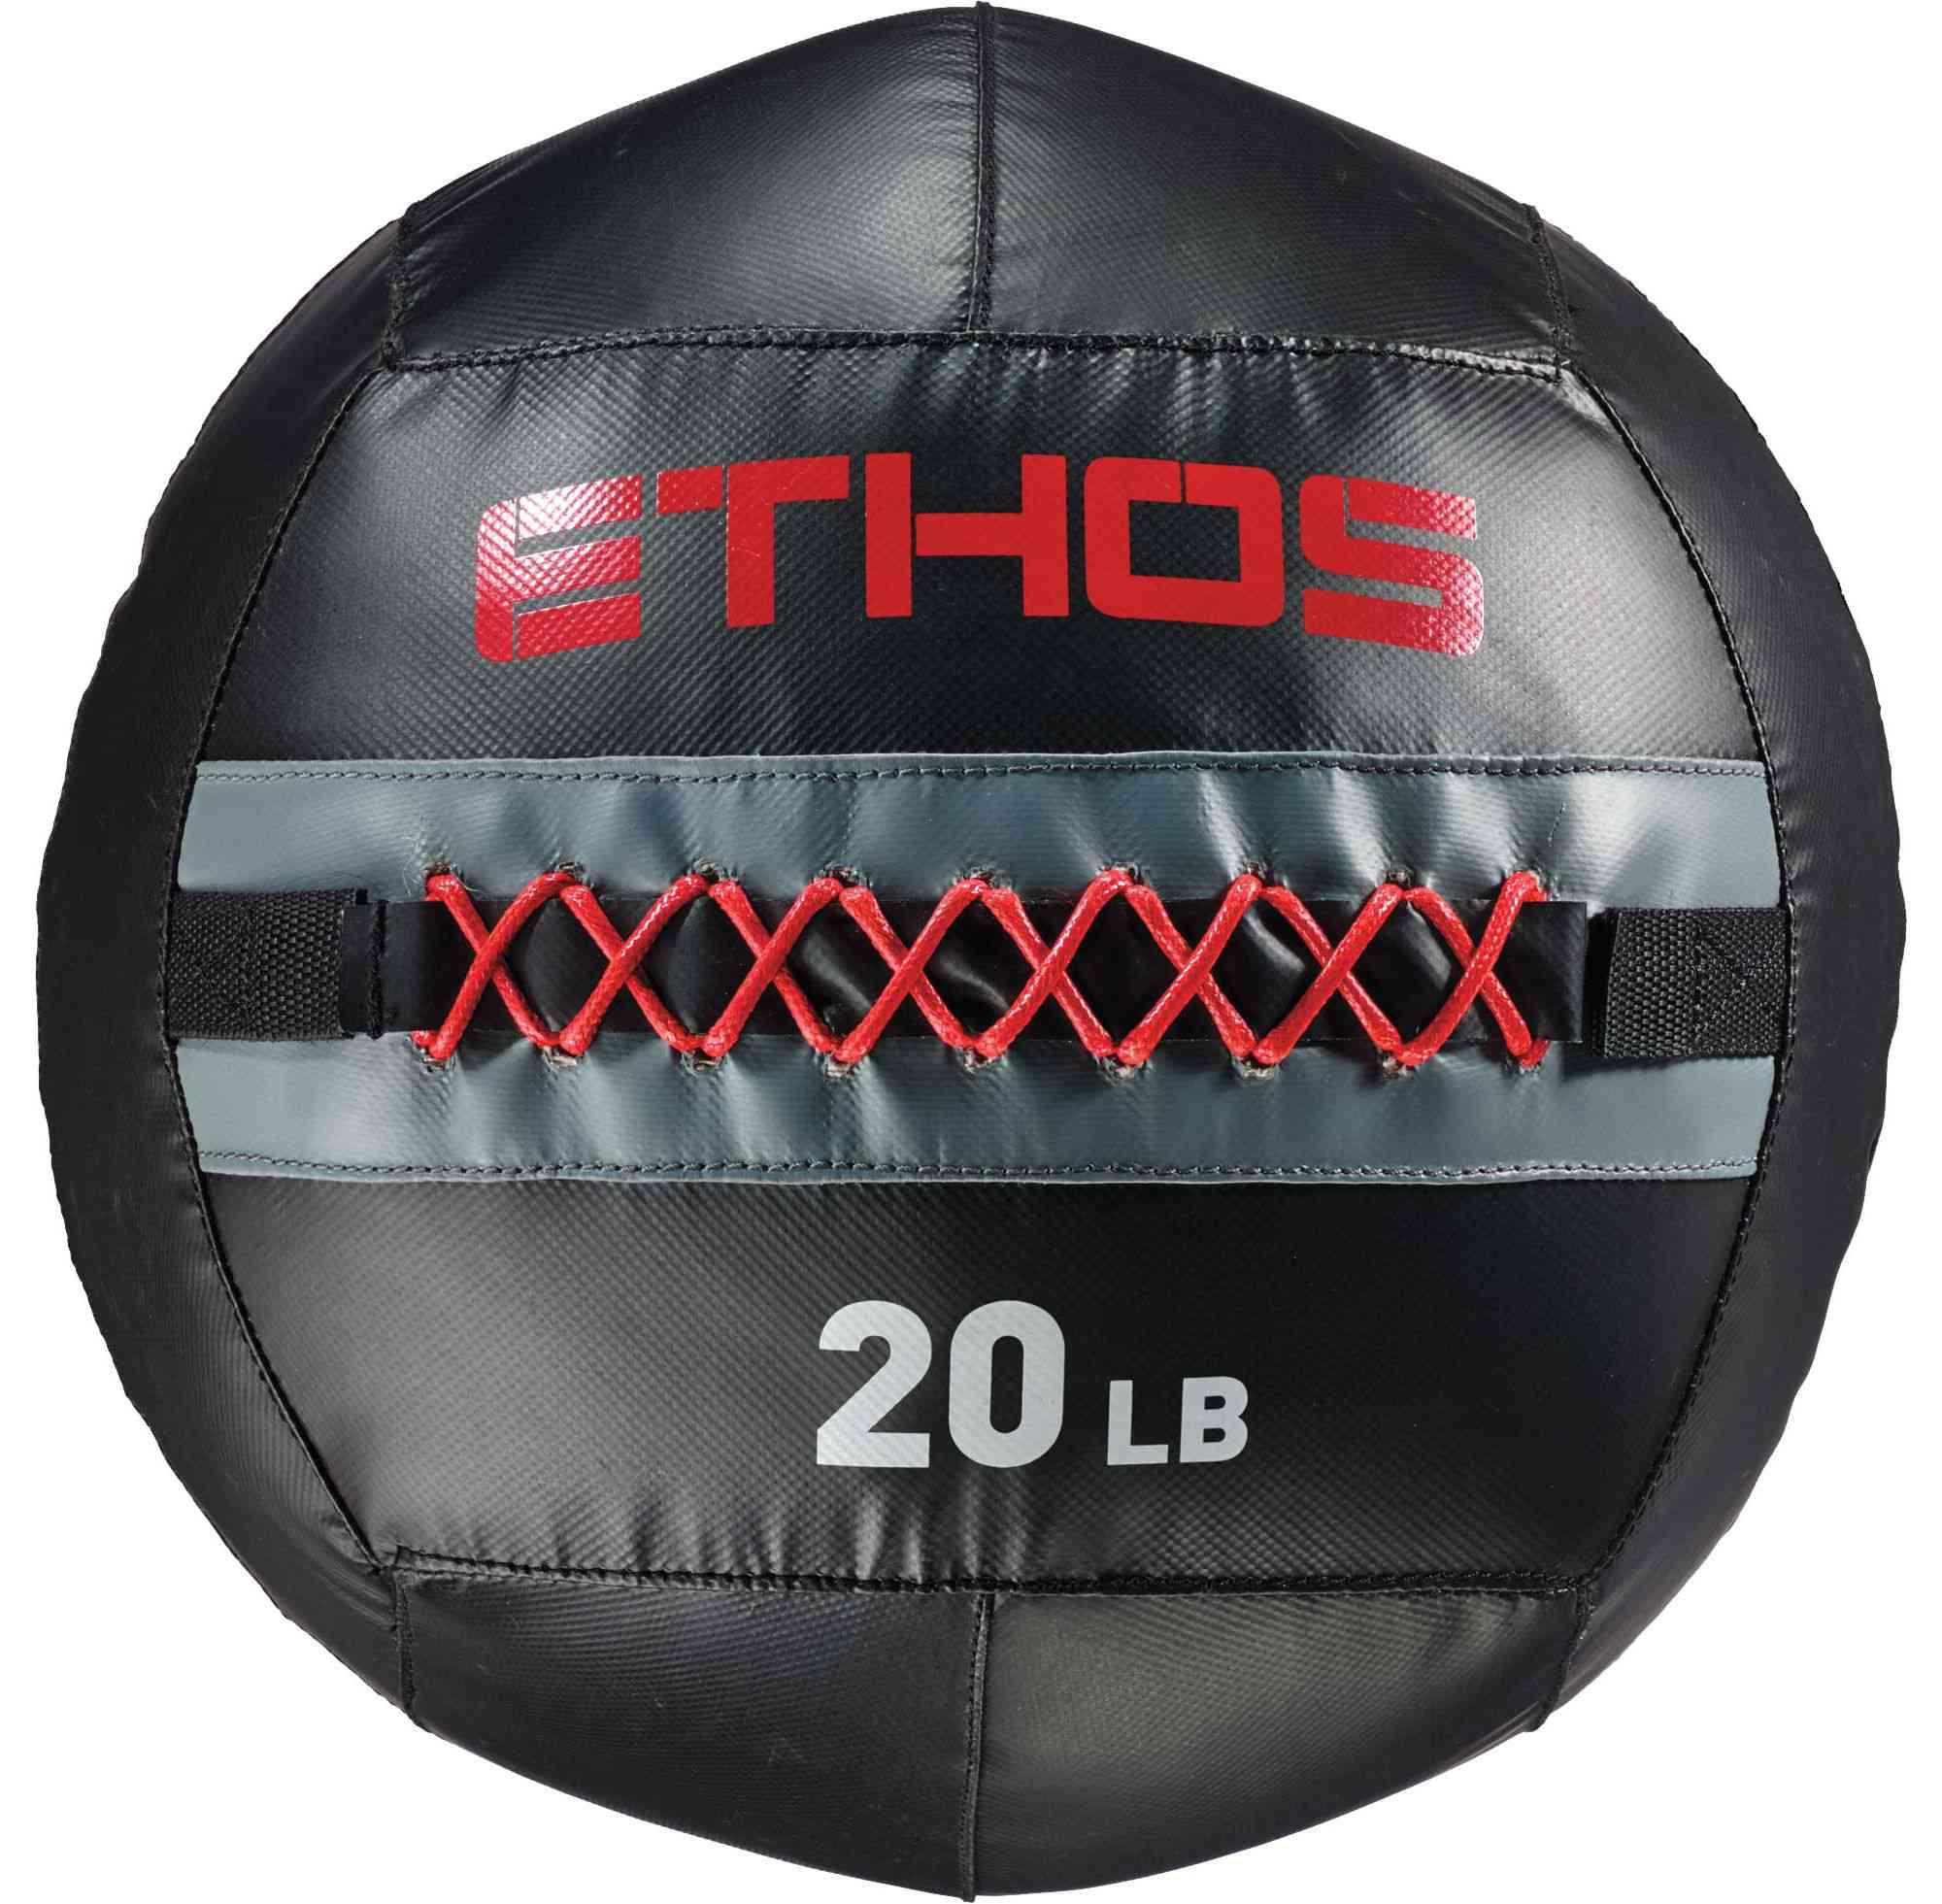 Balón de cuero Ethoa